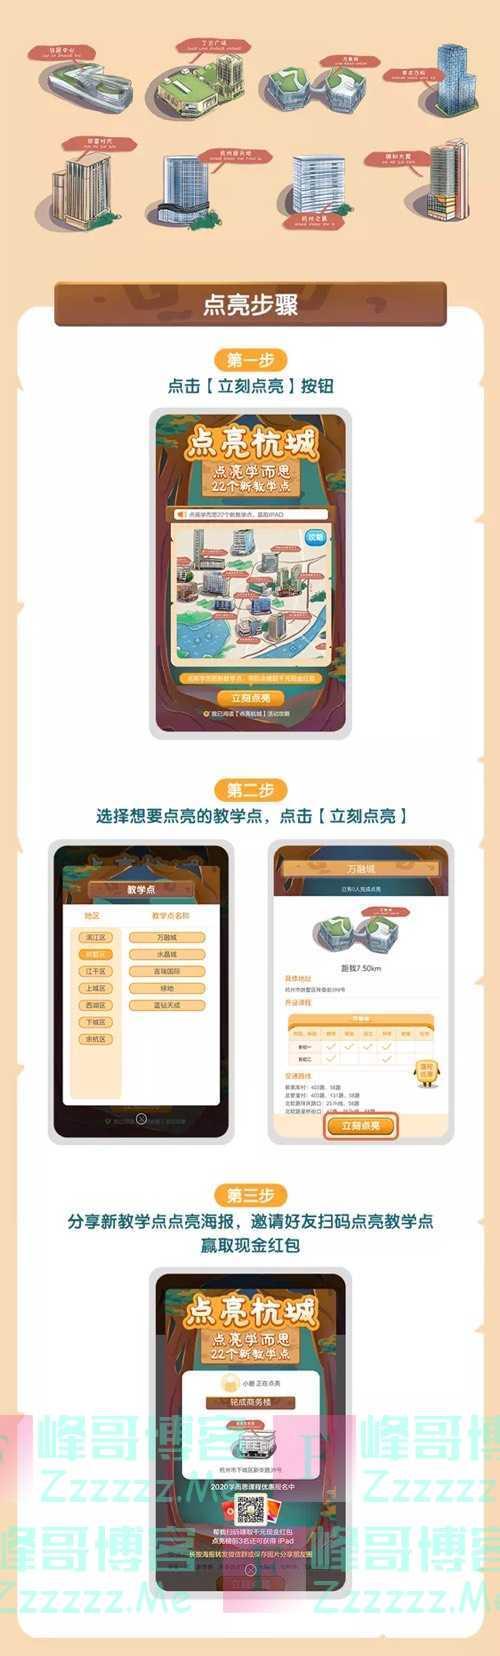 杭州学而思点亮杭城拿千元红包、iPad、百元学习套装!(4月24日截止)